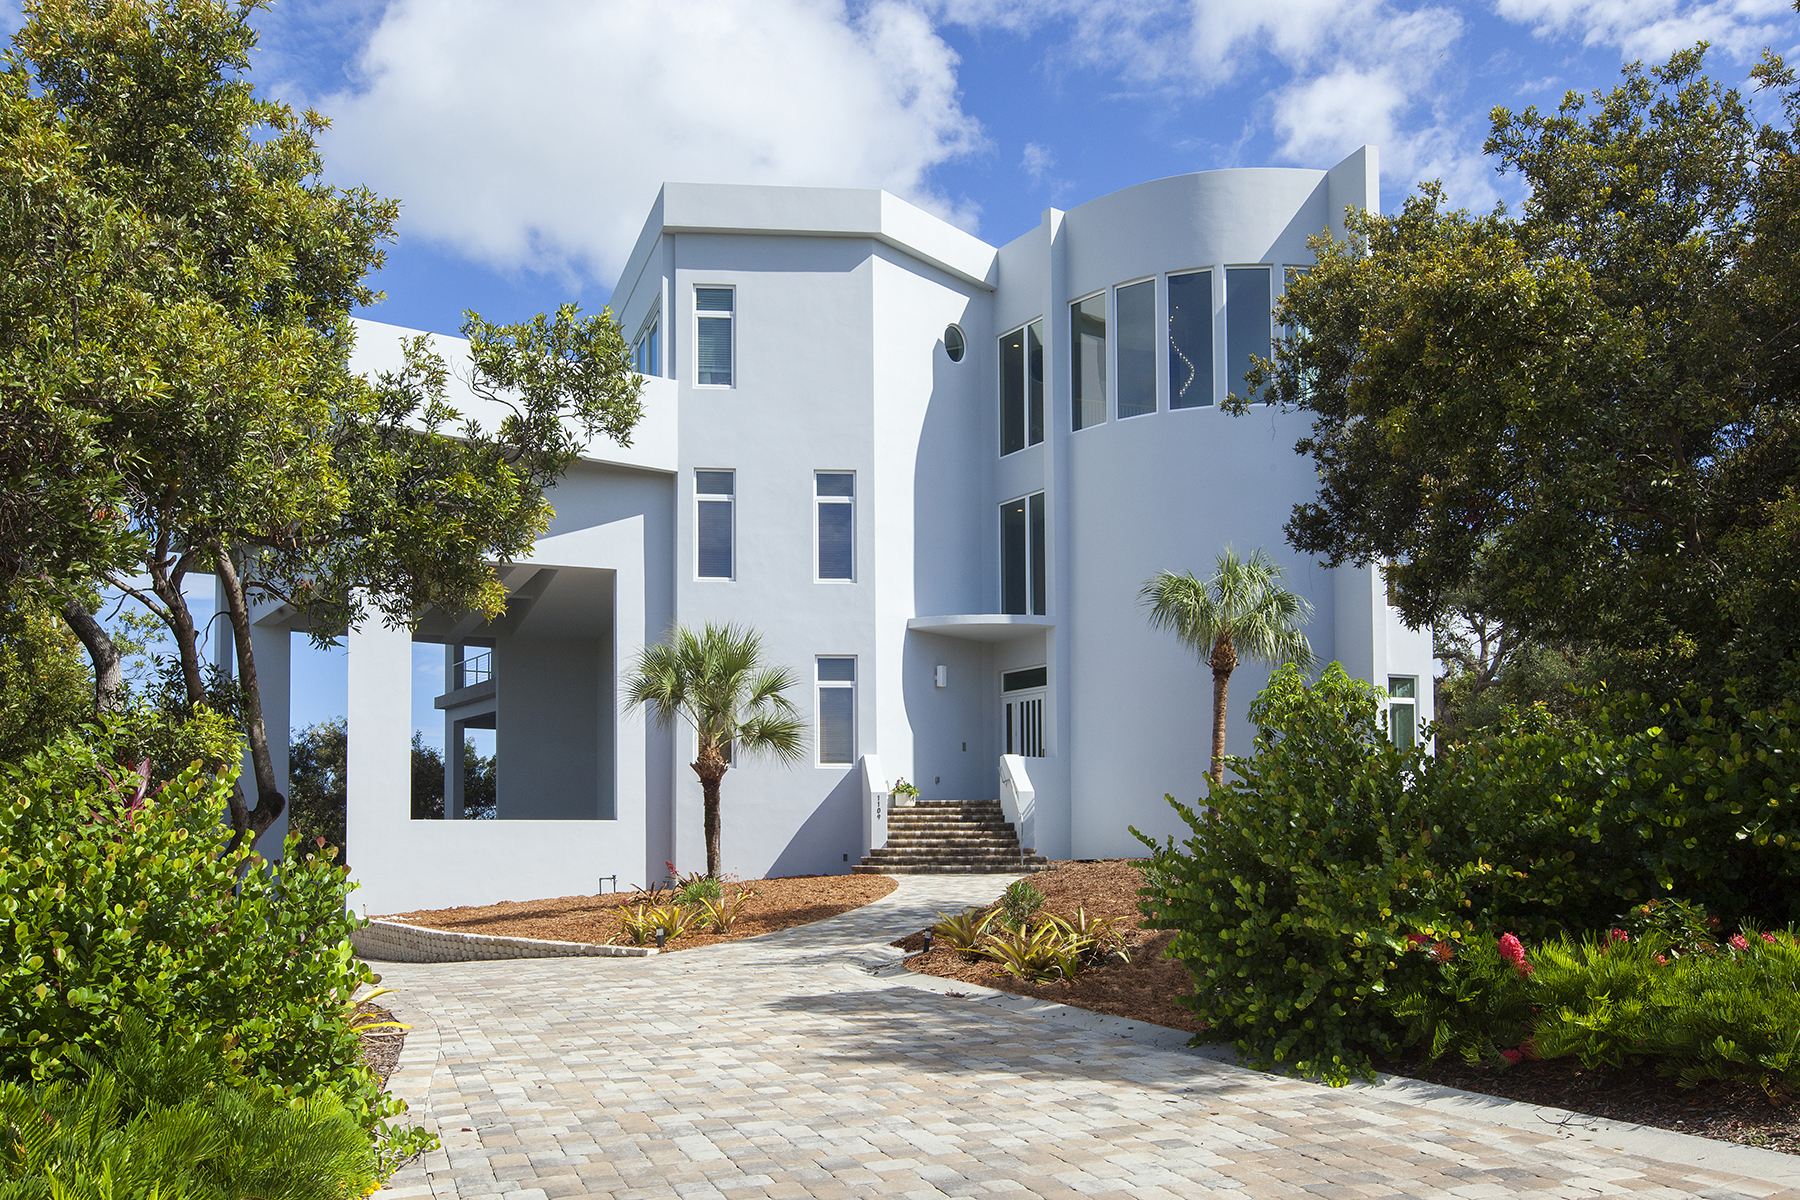 단독 가정 주택 용 매매 에 MARCO ISLAND - KEY MARCO 1109 Blue Hill Creek Dr Marco Island, 플로리다, 34145 미국